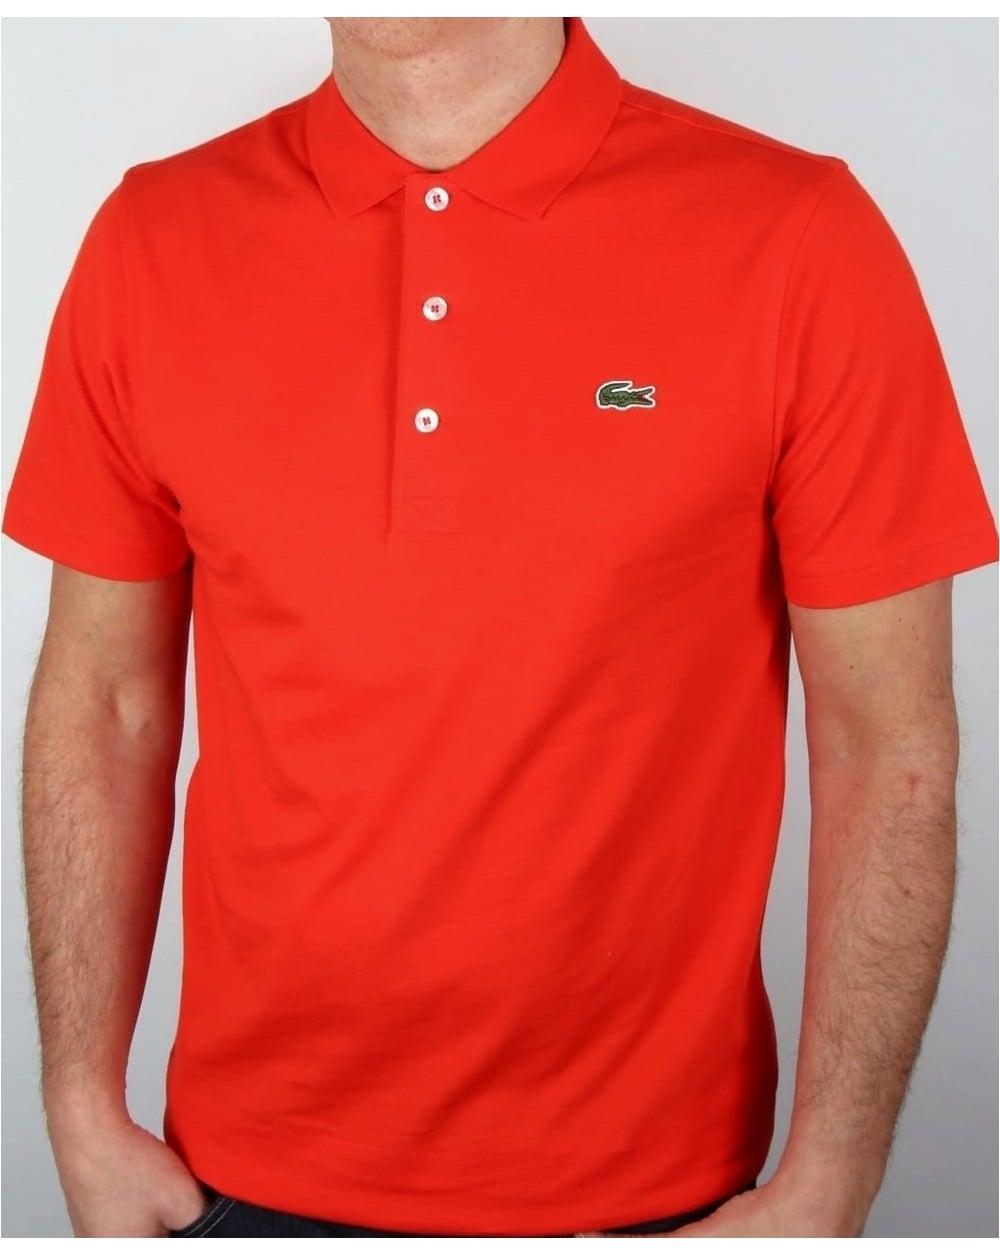 bc4bca41cf Lacoste Polo Shirt Etna Red